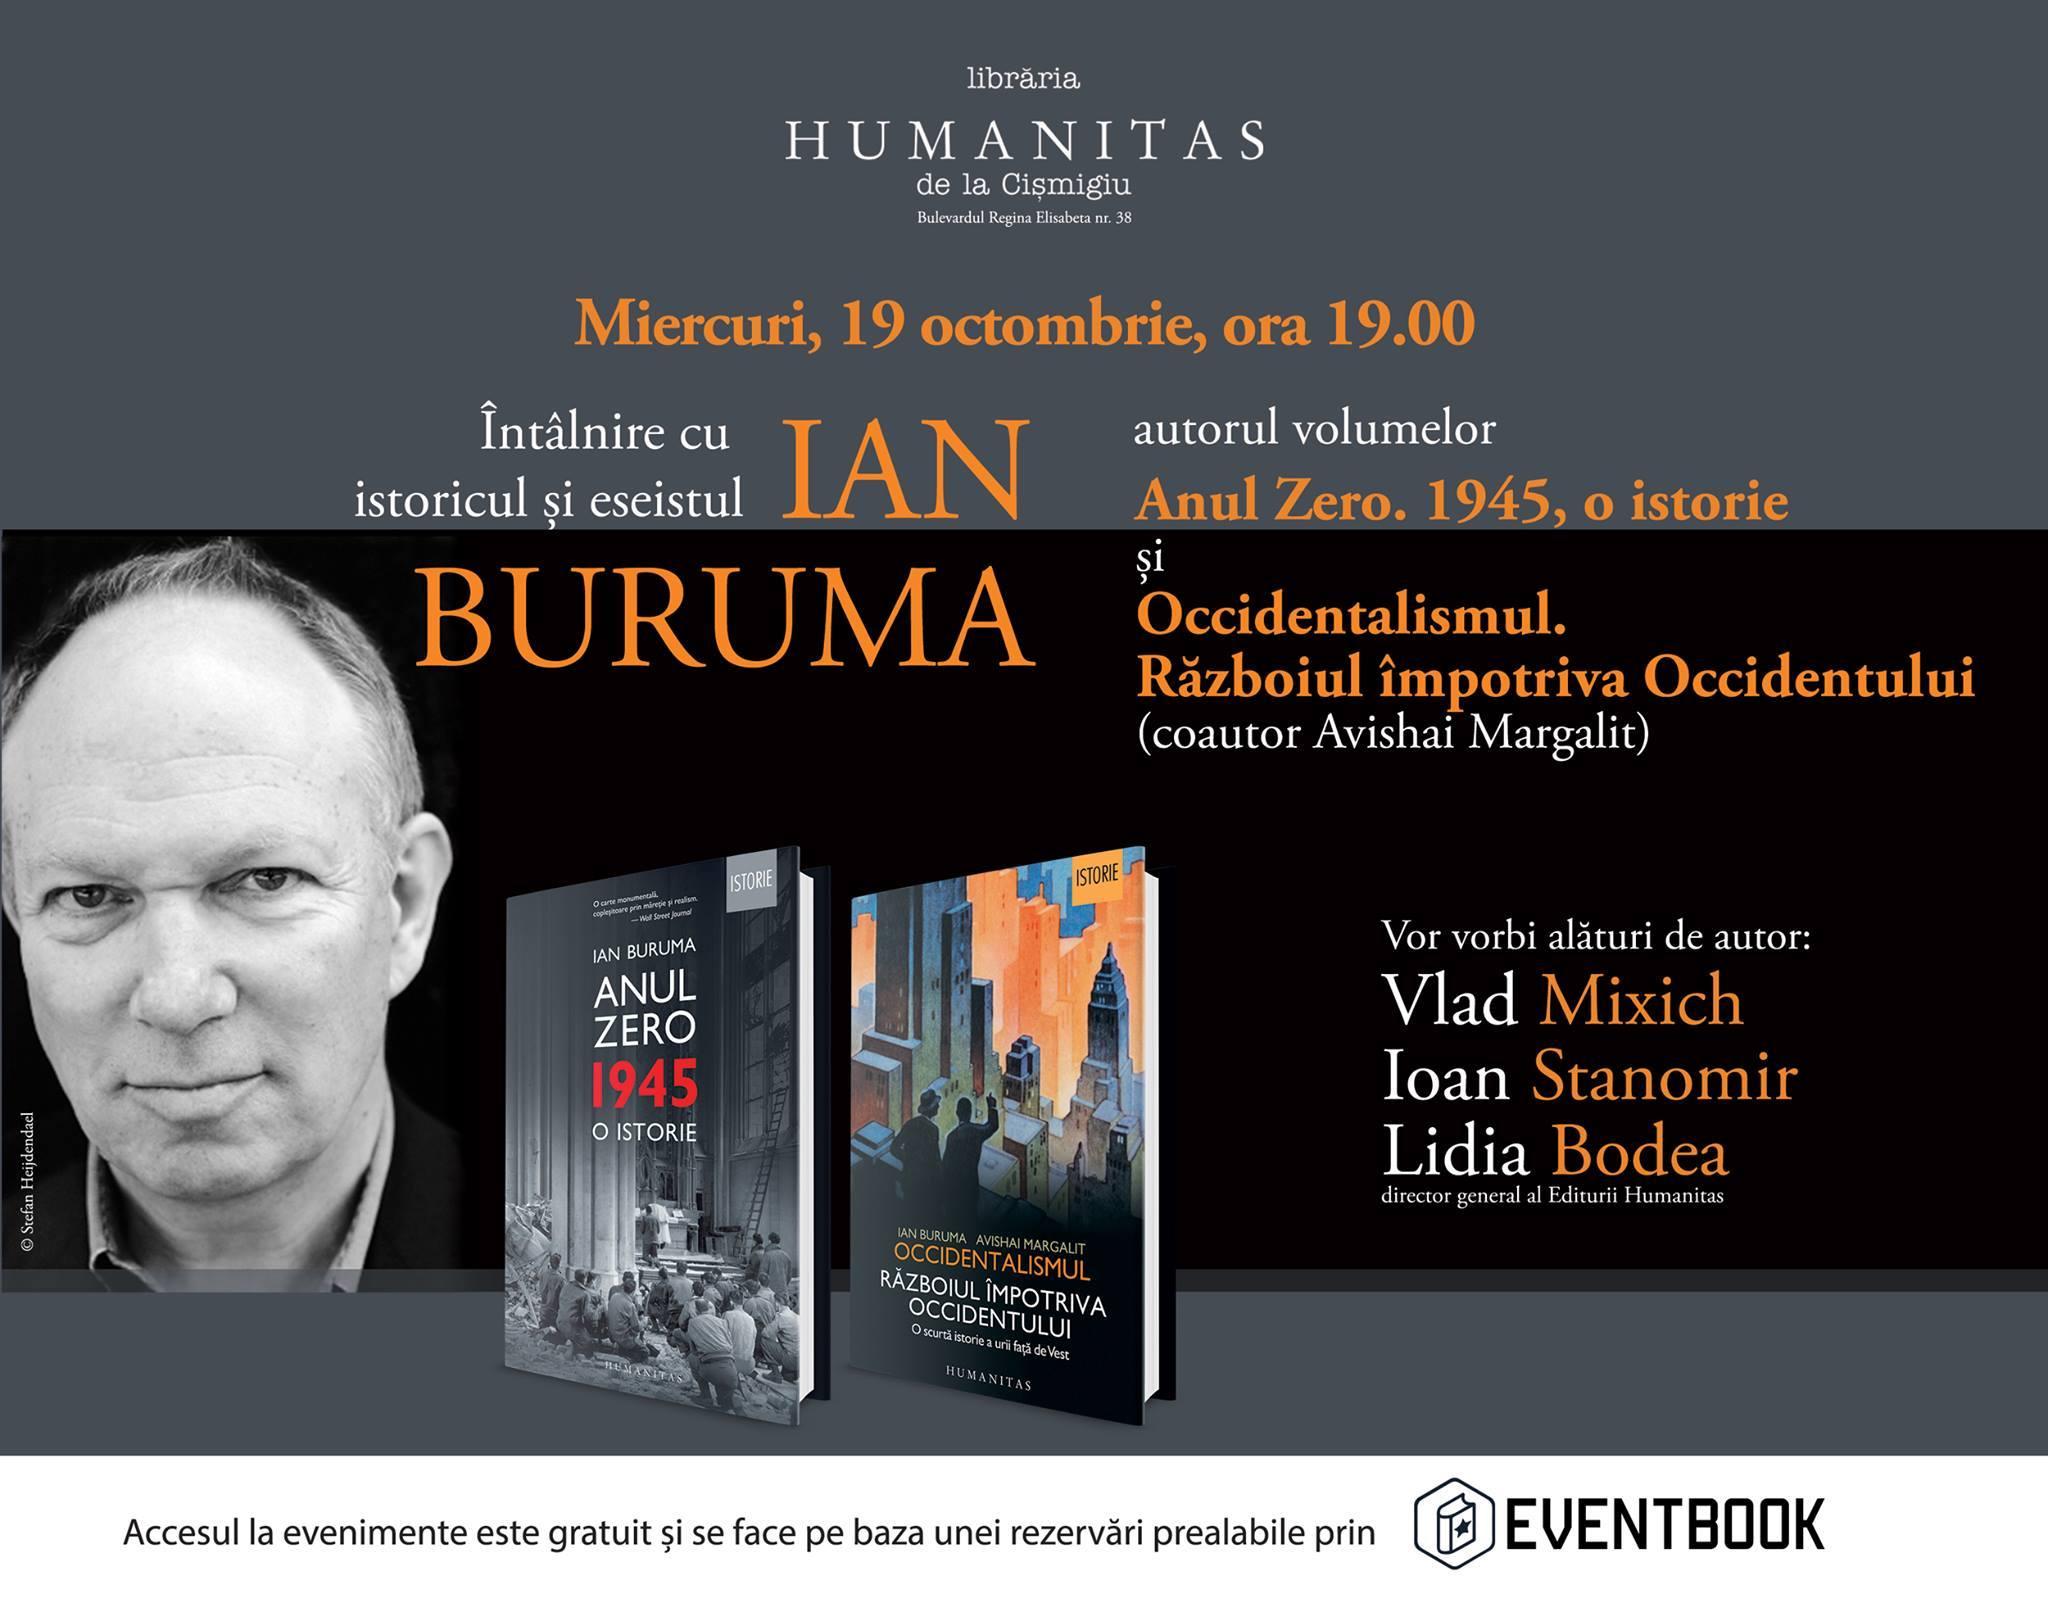 Ian Buruma la Librăria Humanitas de la Cișmigiu